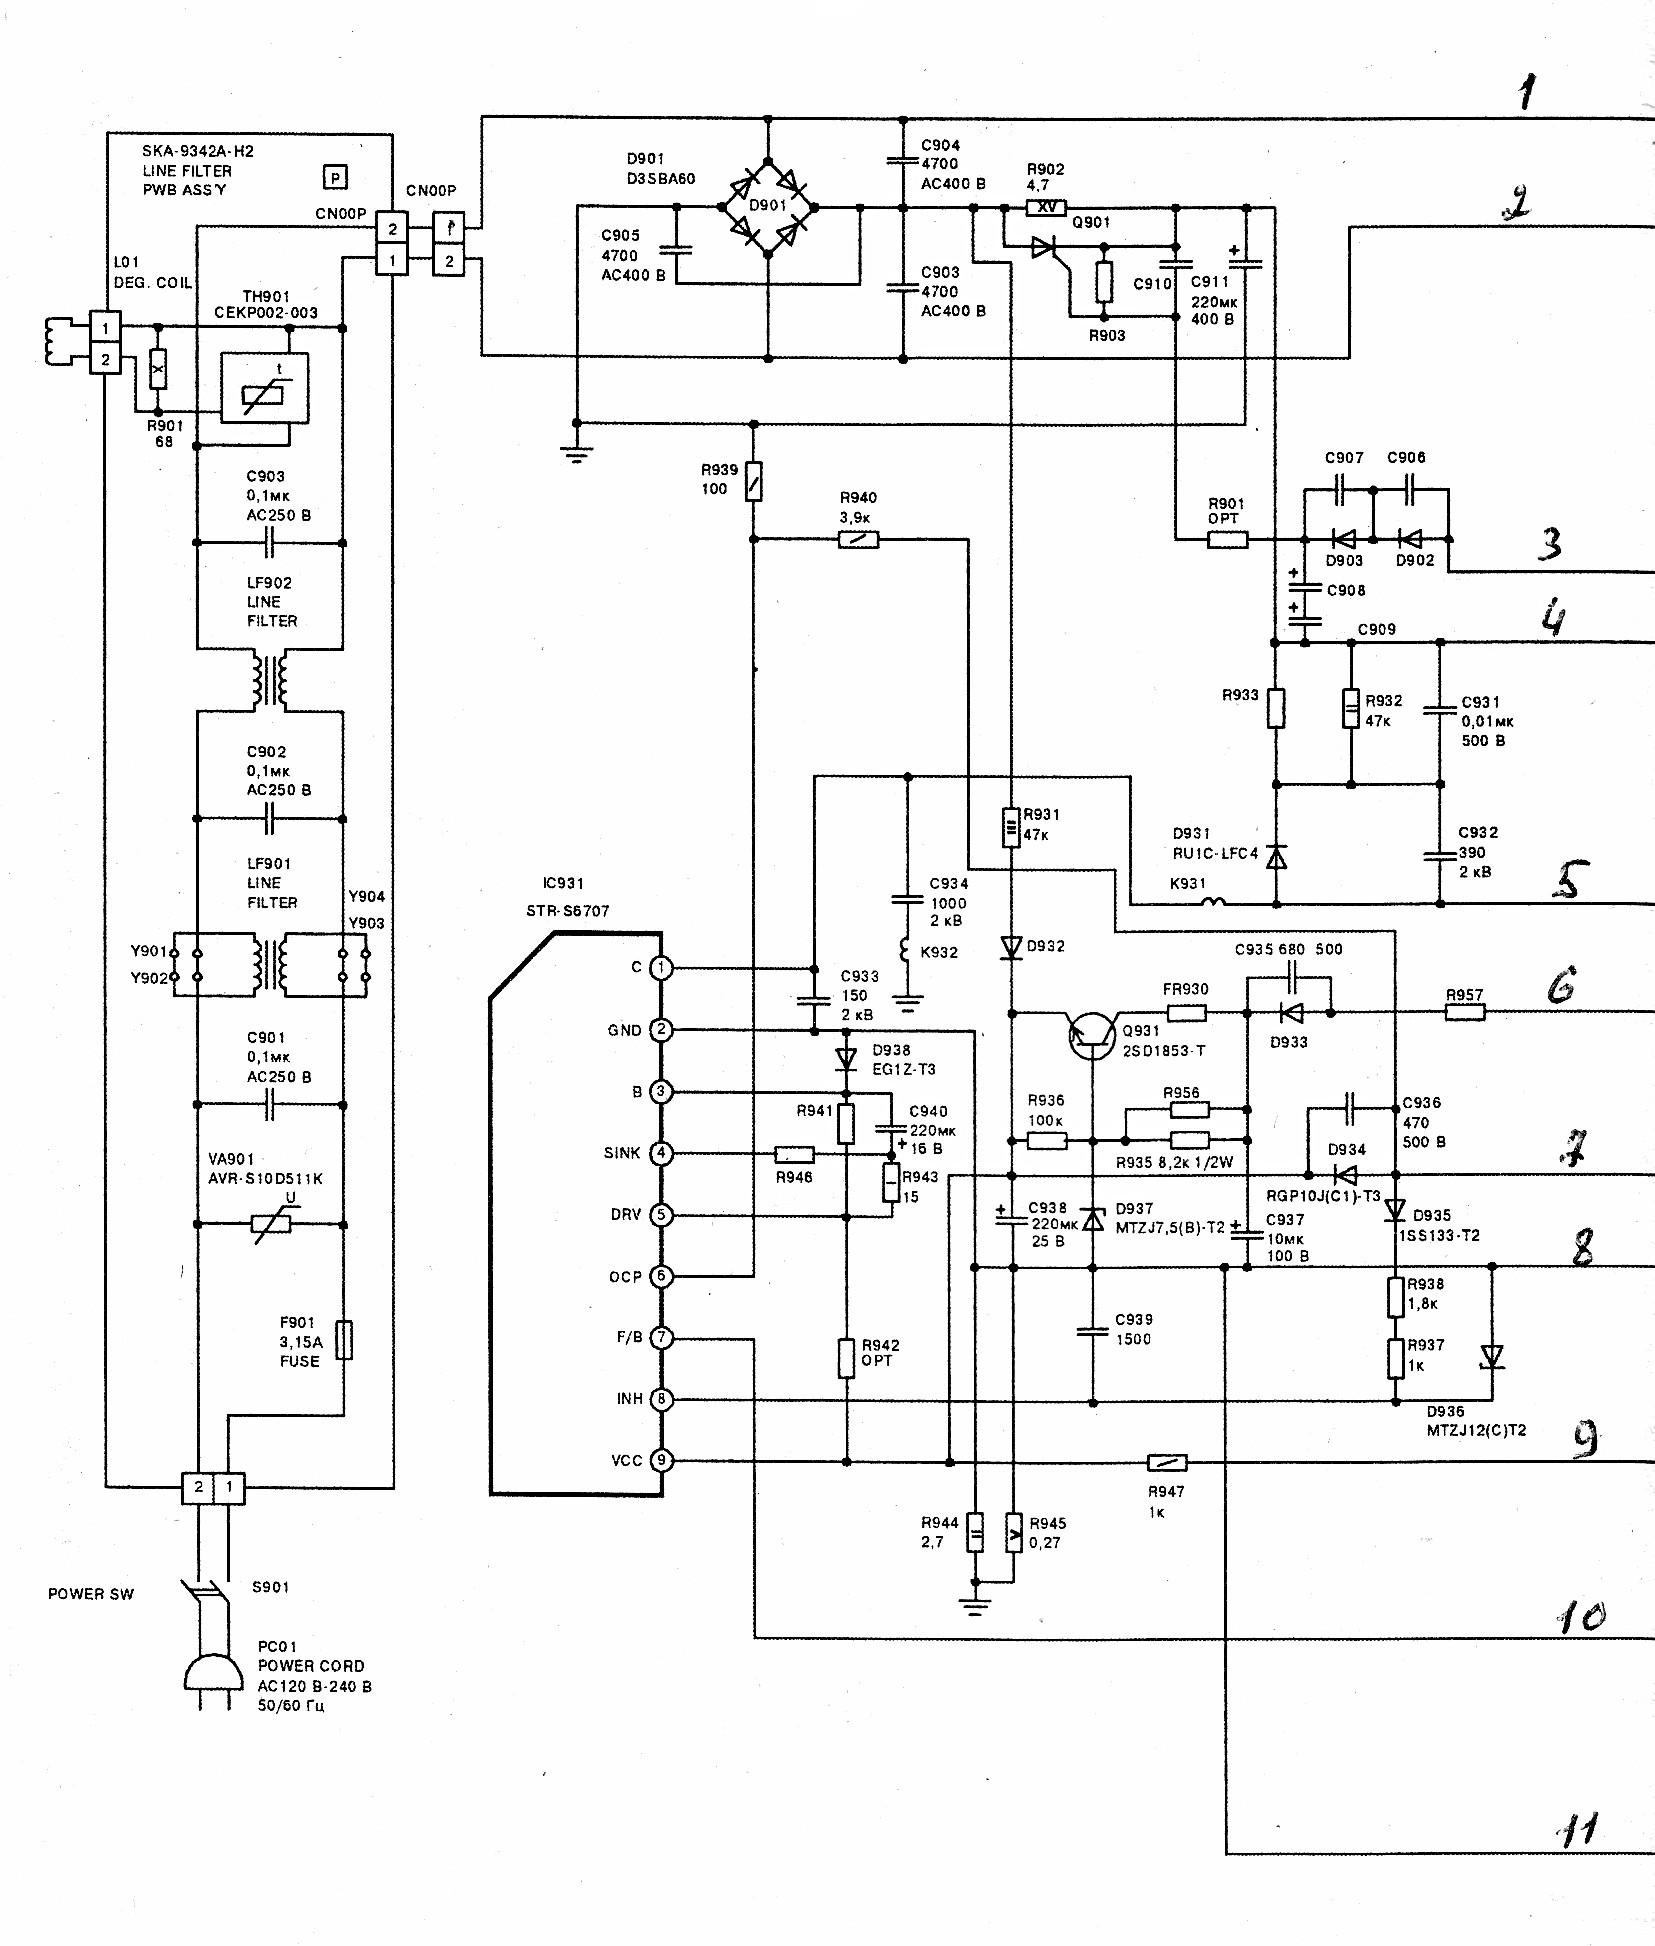 V40d8200 схема блока питания